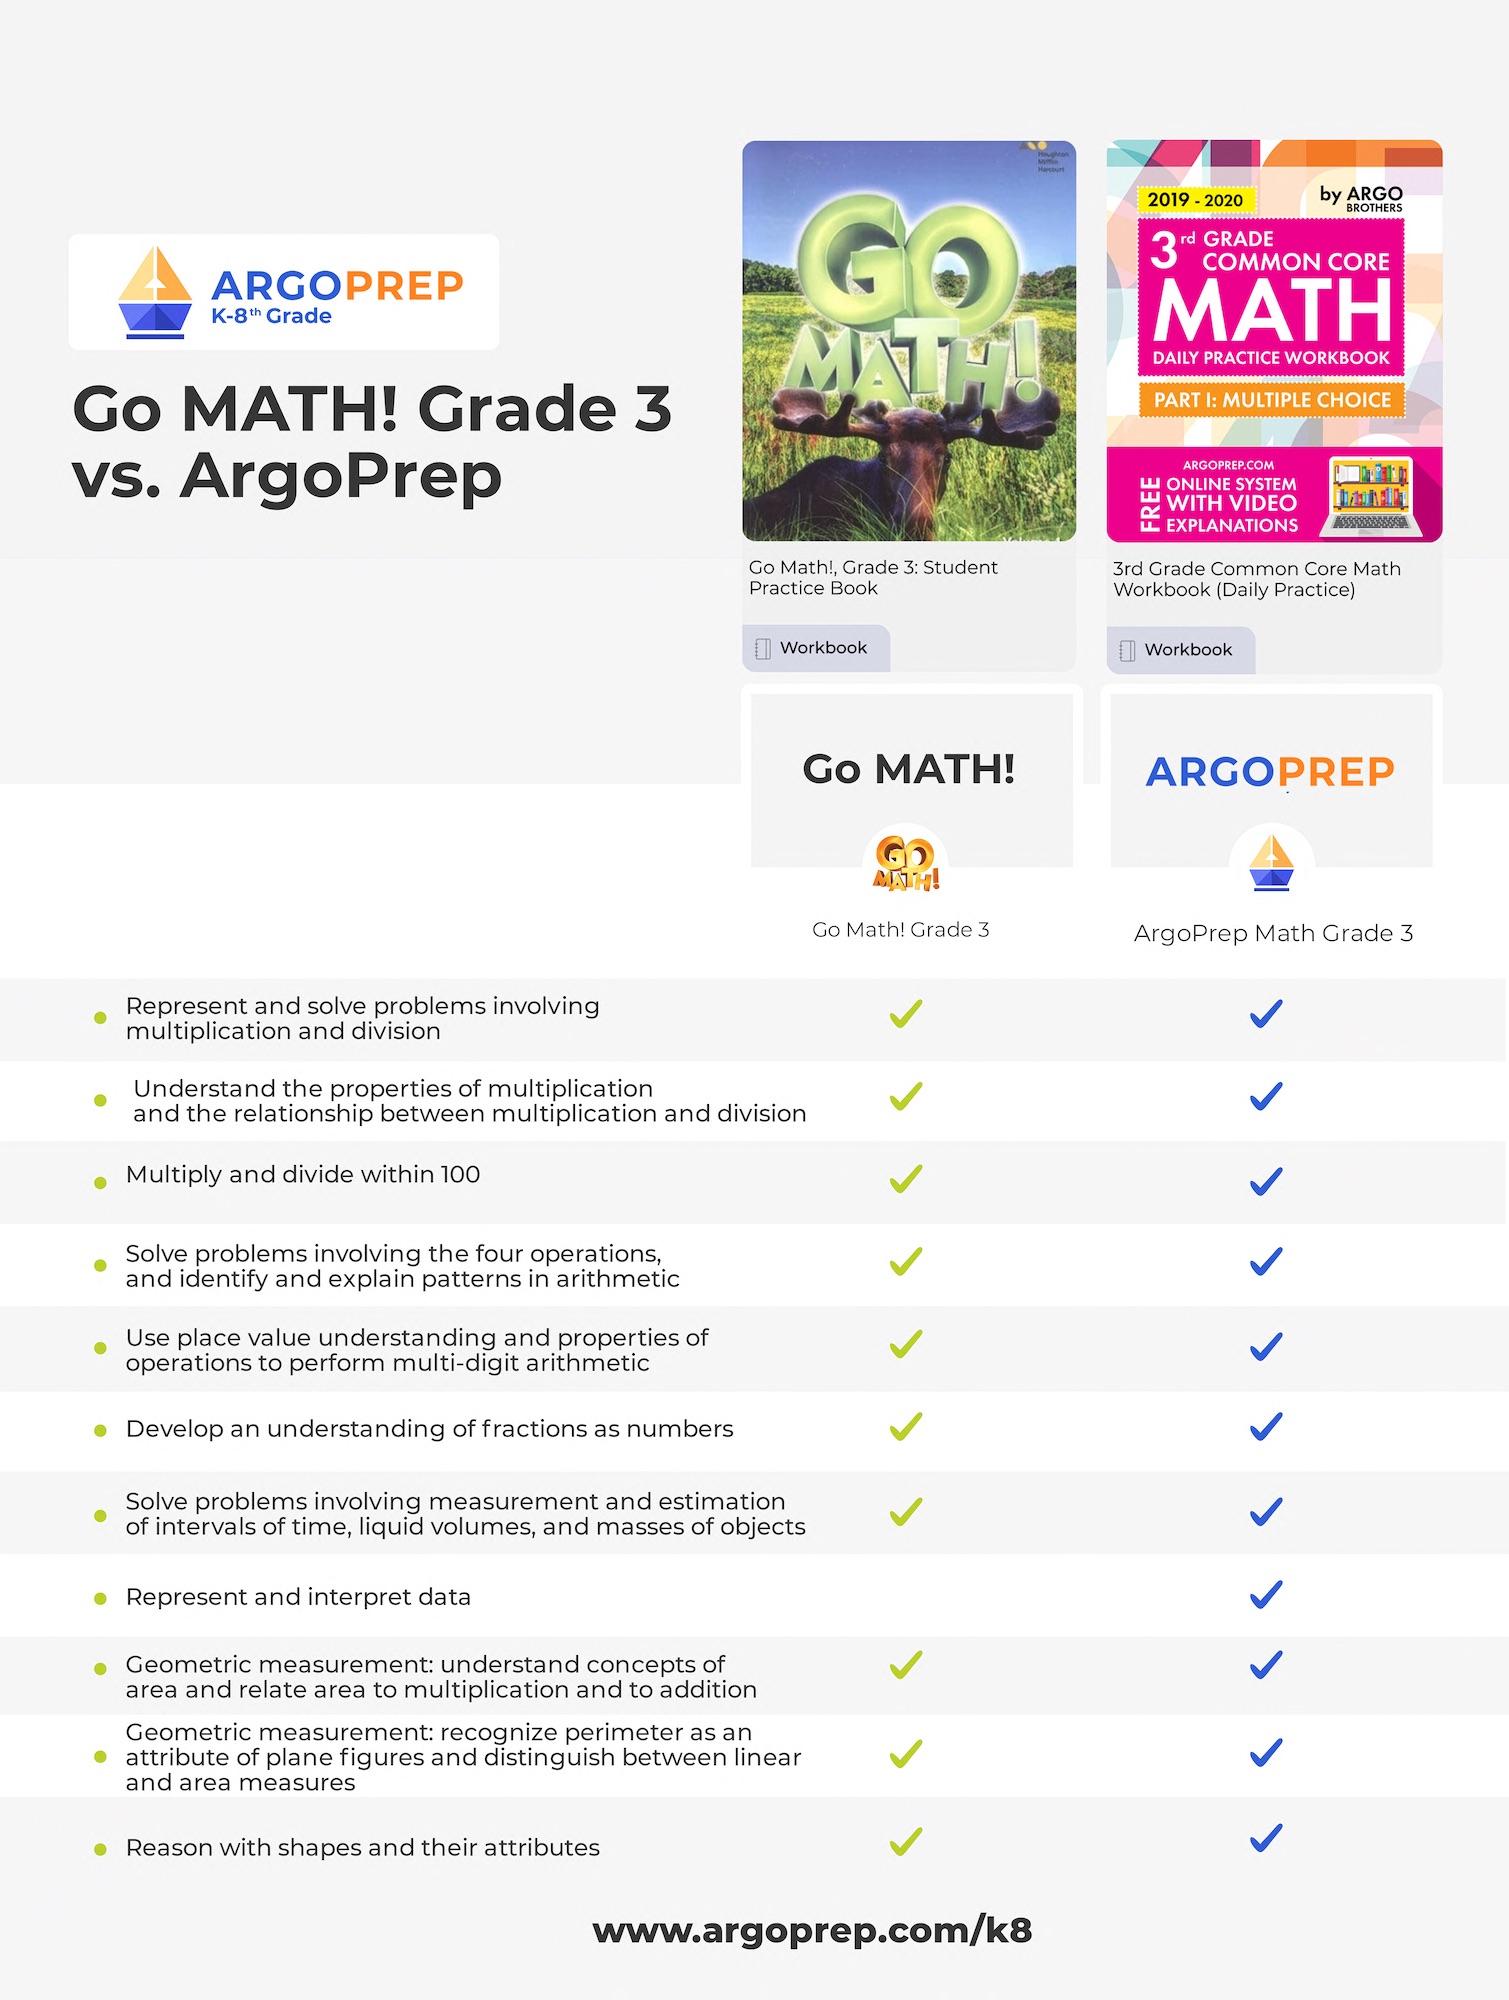 Go Math vs ArgoPrep